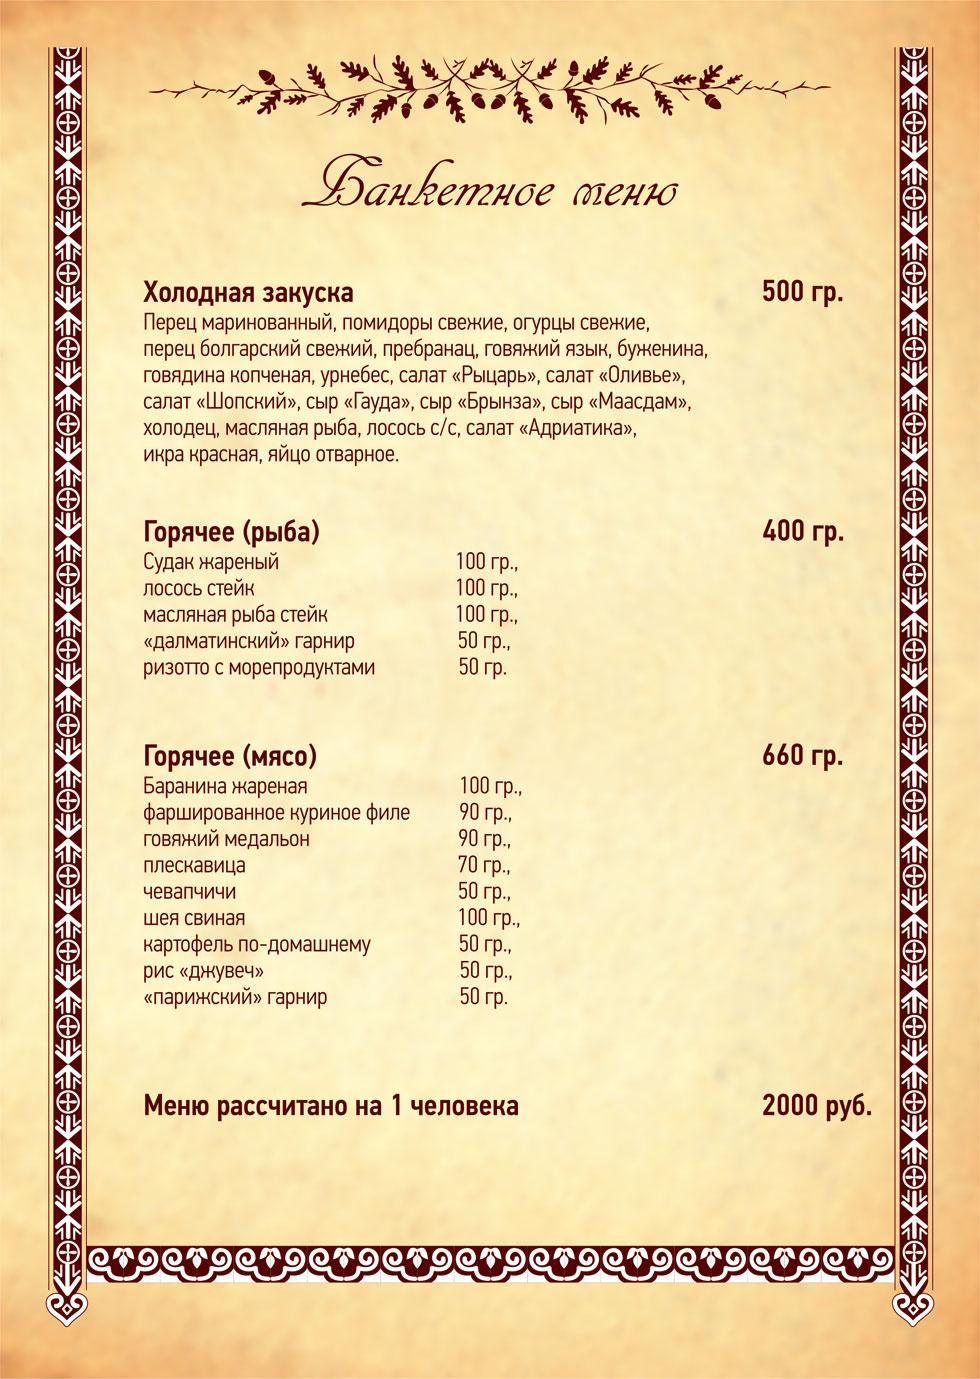 Банкетное меню Балканский гурман: свадьбы, корпоративы, юбилеи, торжества, дней рождения